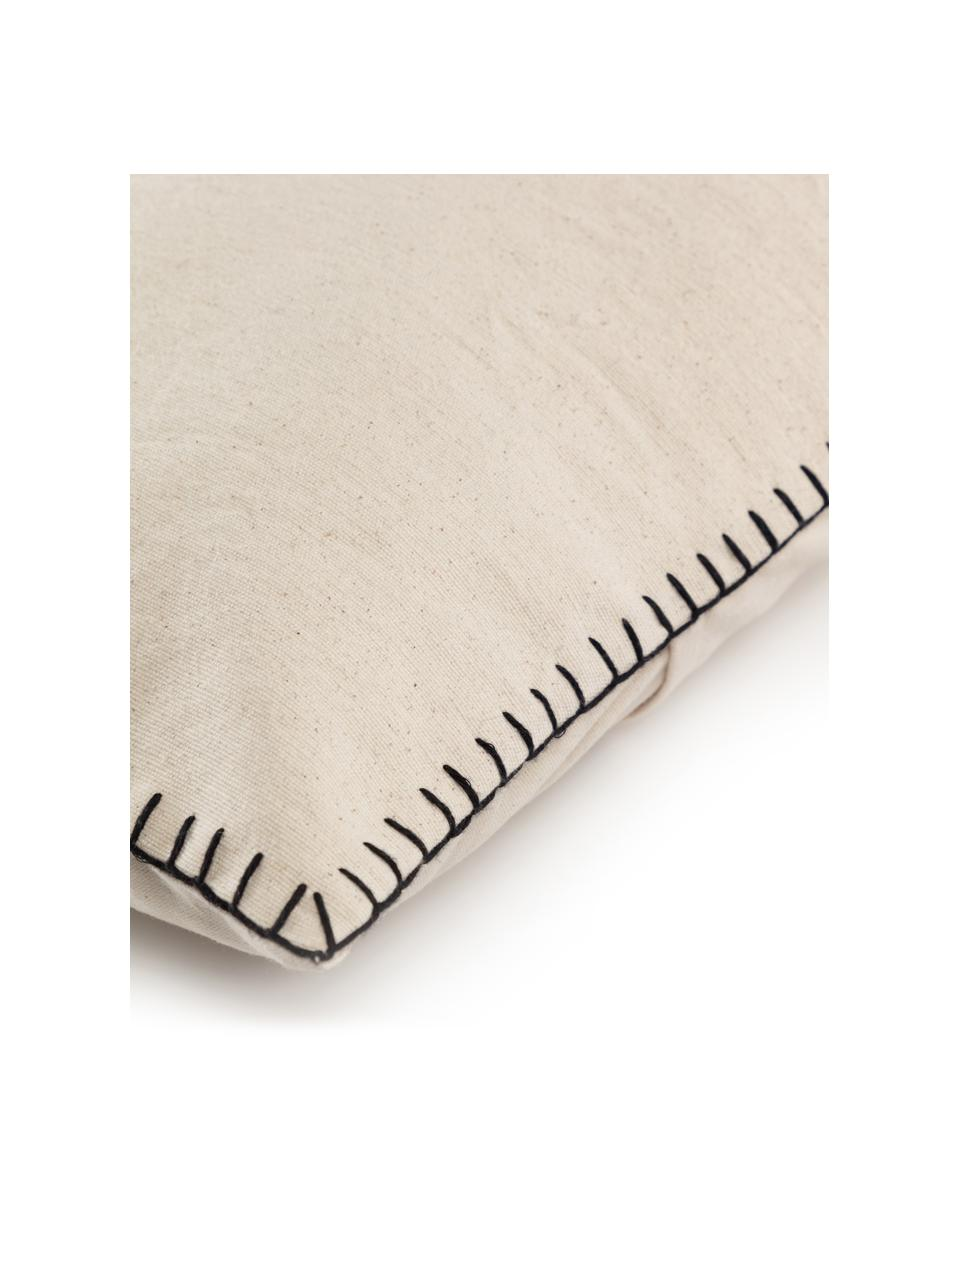 Baumwoll-Kissenhülle Anahi mit Steppnaht, 100% Baumwolle, Beige, 45 x 45 cm